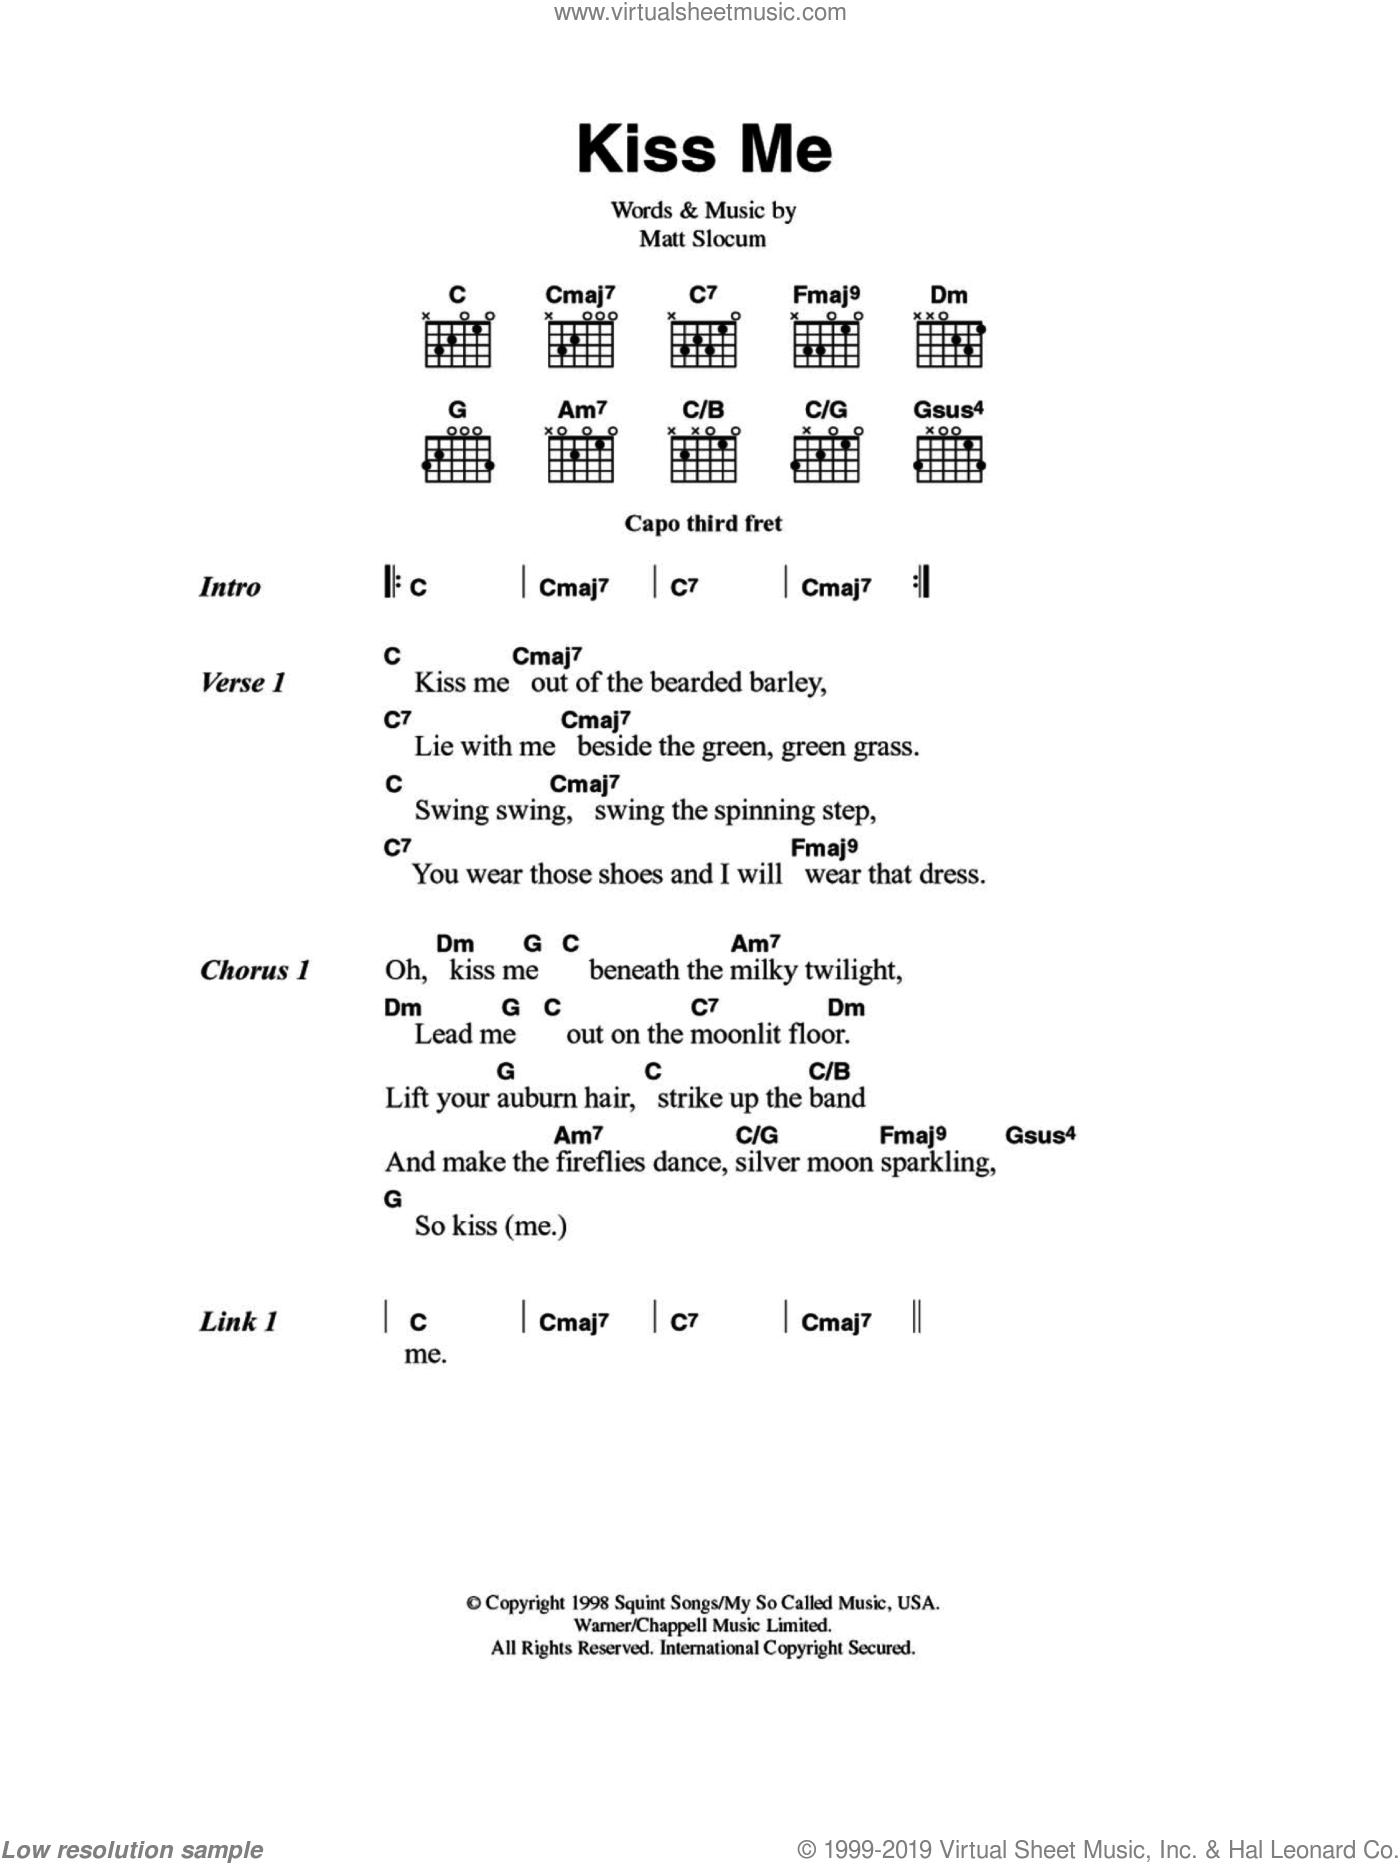 Richer   Kiss Me sheet music for guitar chords [PDF]